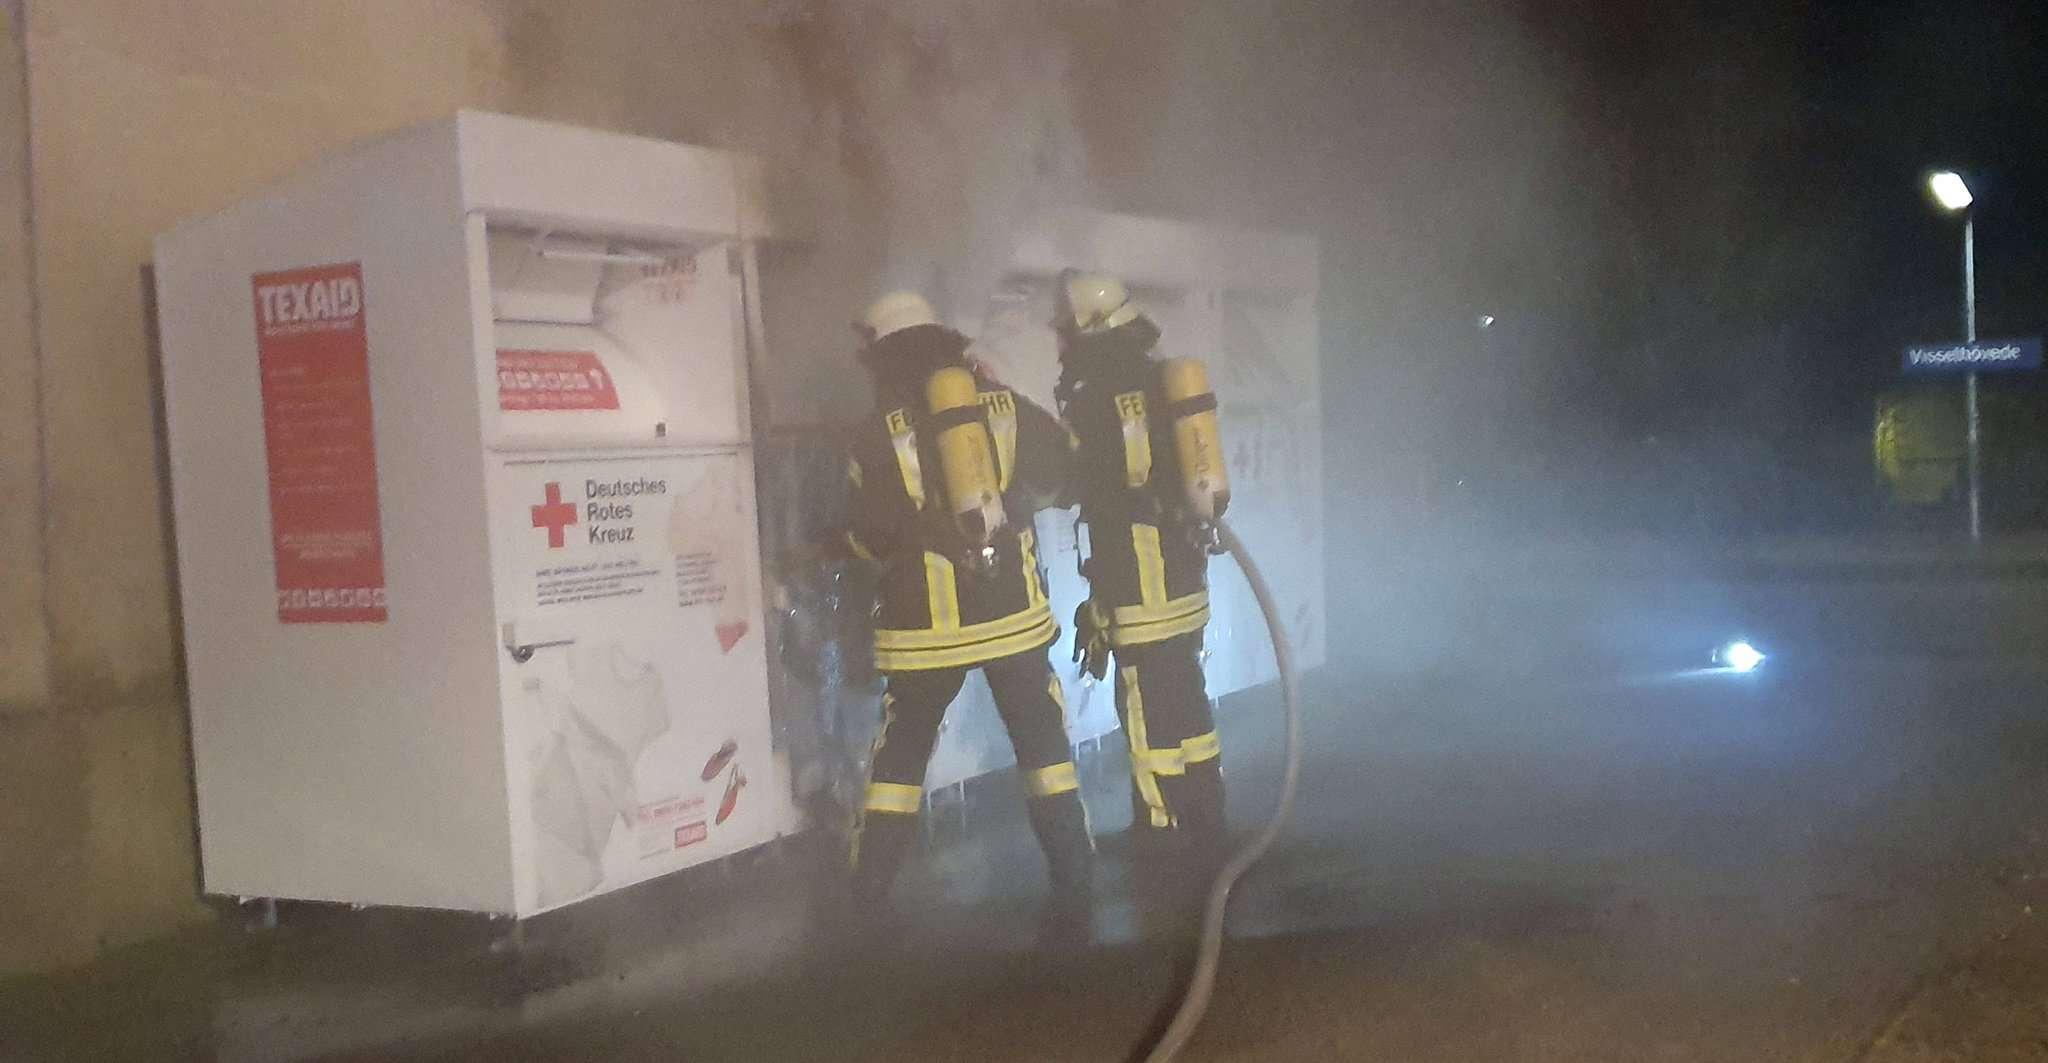 Den Einsatzkräften gelang es, das Feuer zu löschen, bevor es übergreifen konnte.